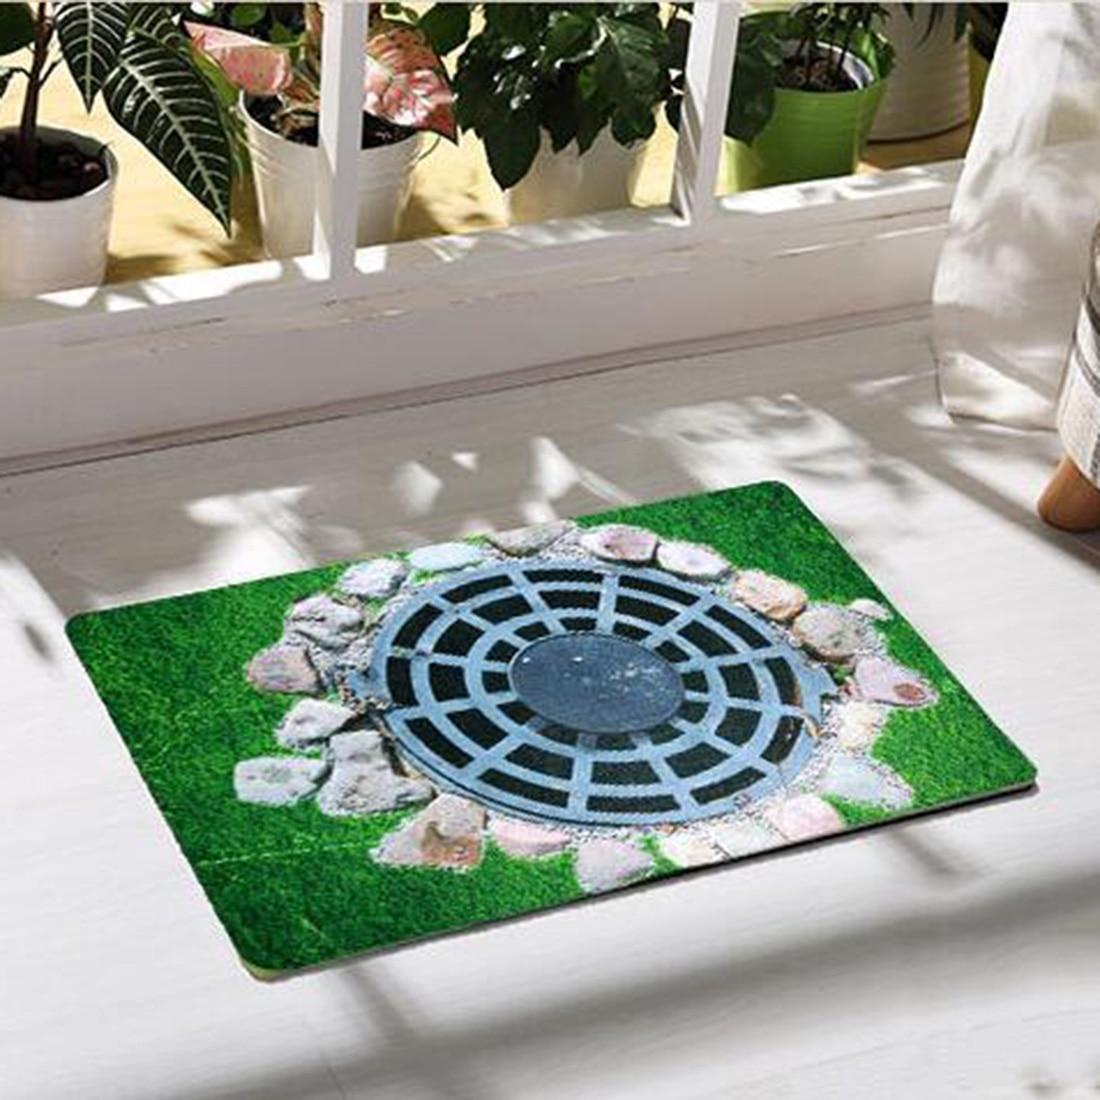 Rubber Floor Mats Kitchen Online Get Cheap Kitchen Rubber Floor Mat Aliexpresscom